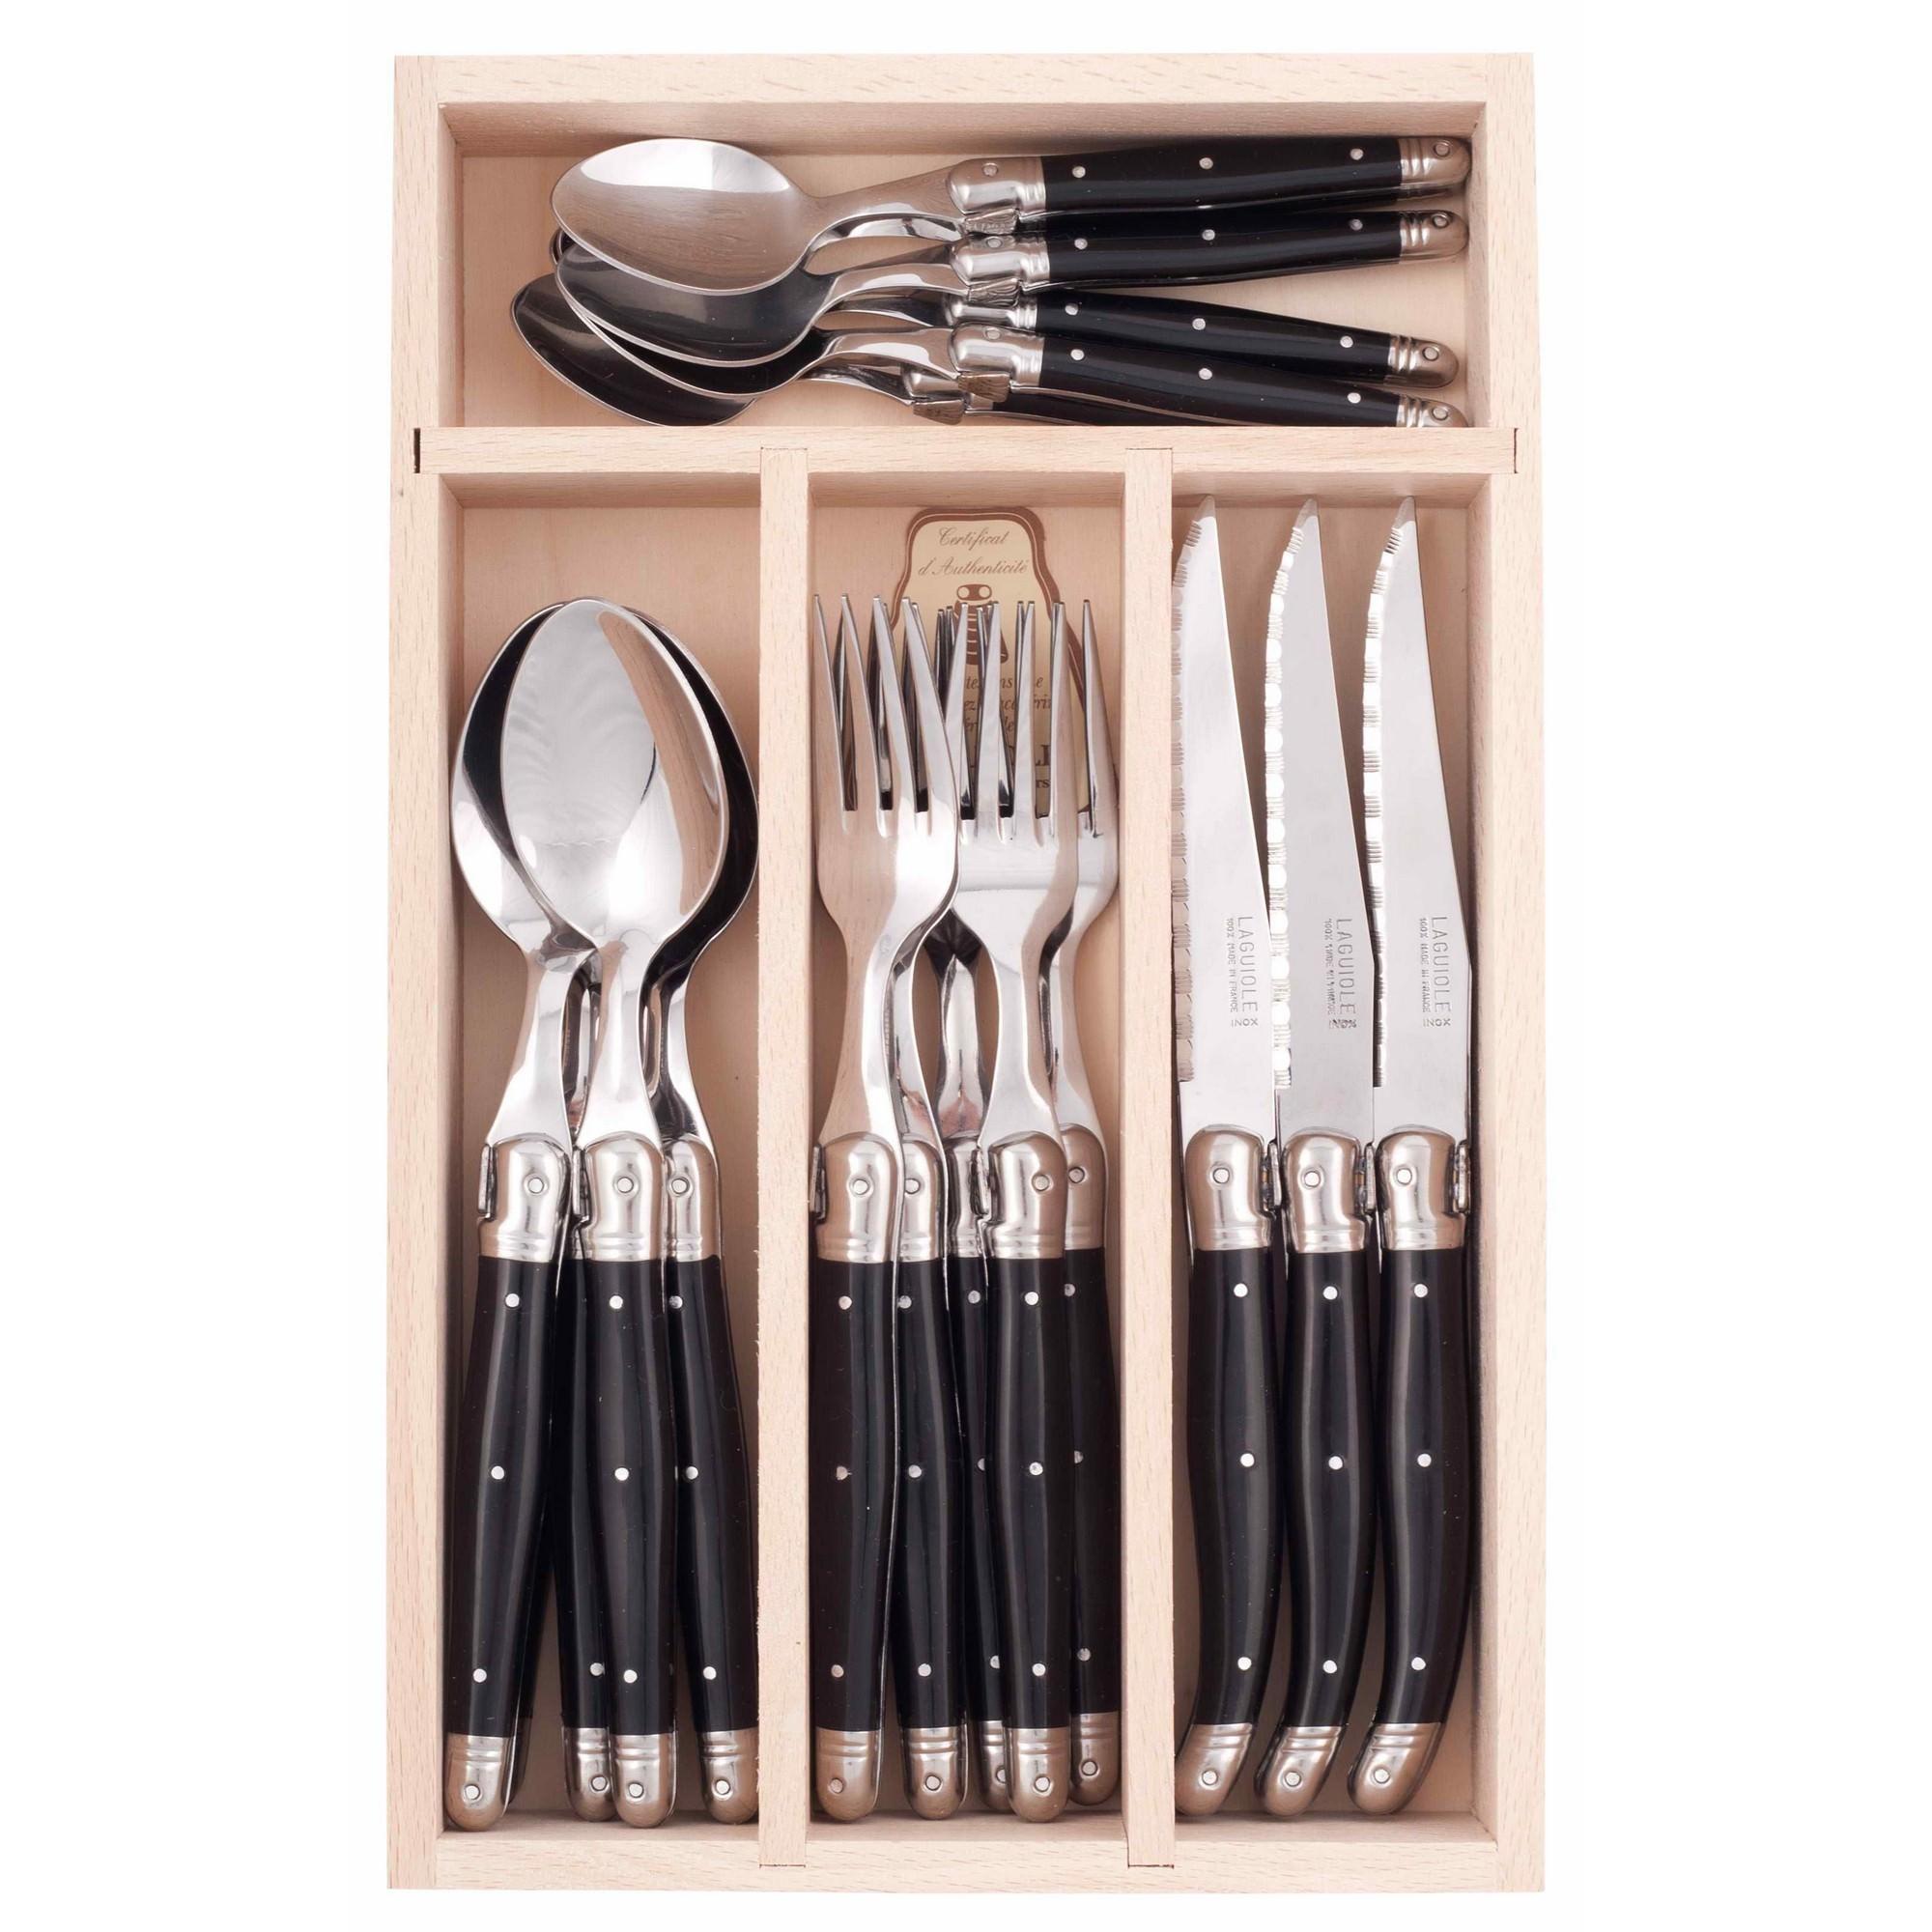 Andre Verdier Debutant Cutlery Set, 24 Piece, Black / Silver